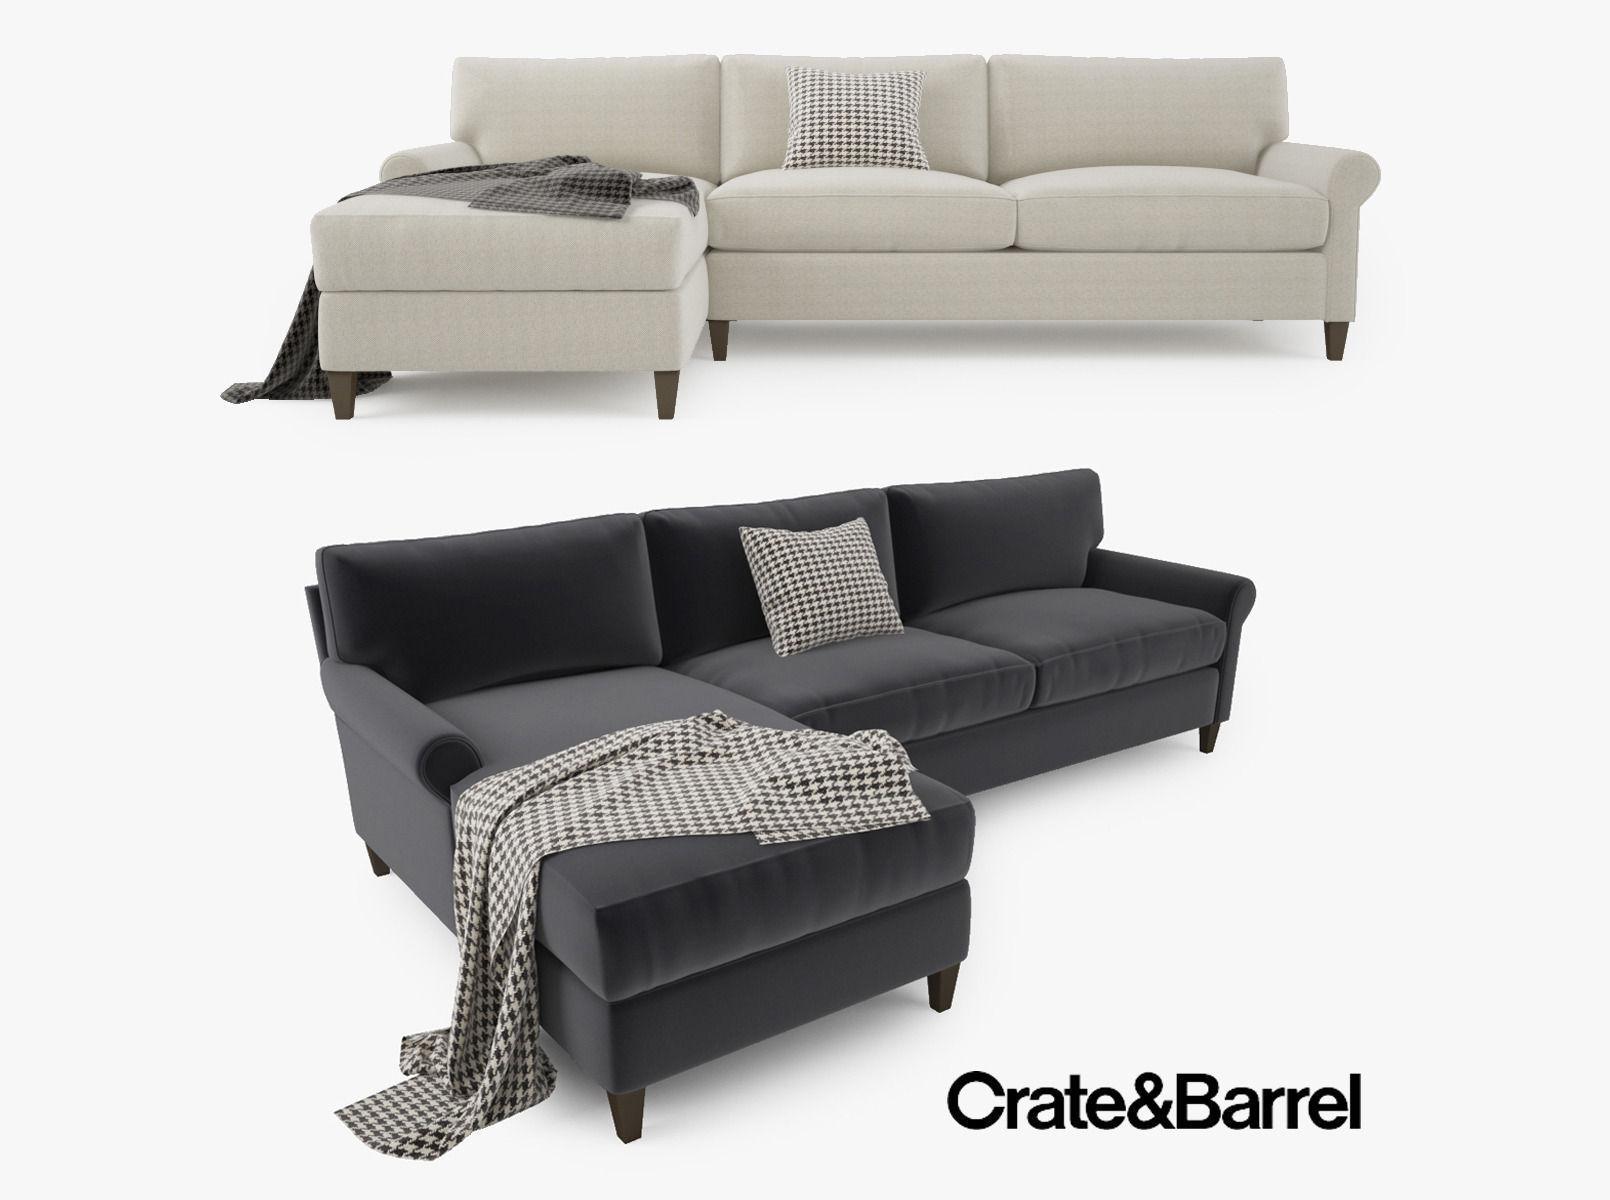 Crate And Barrel Montclair 2 Piece Sectional Sofa Model Max Obj Mtl Fbx 1